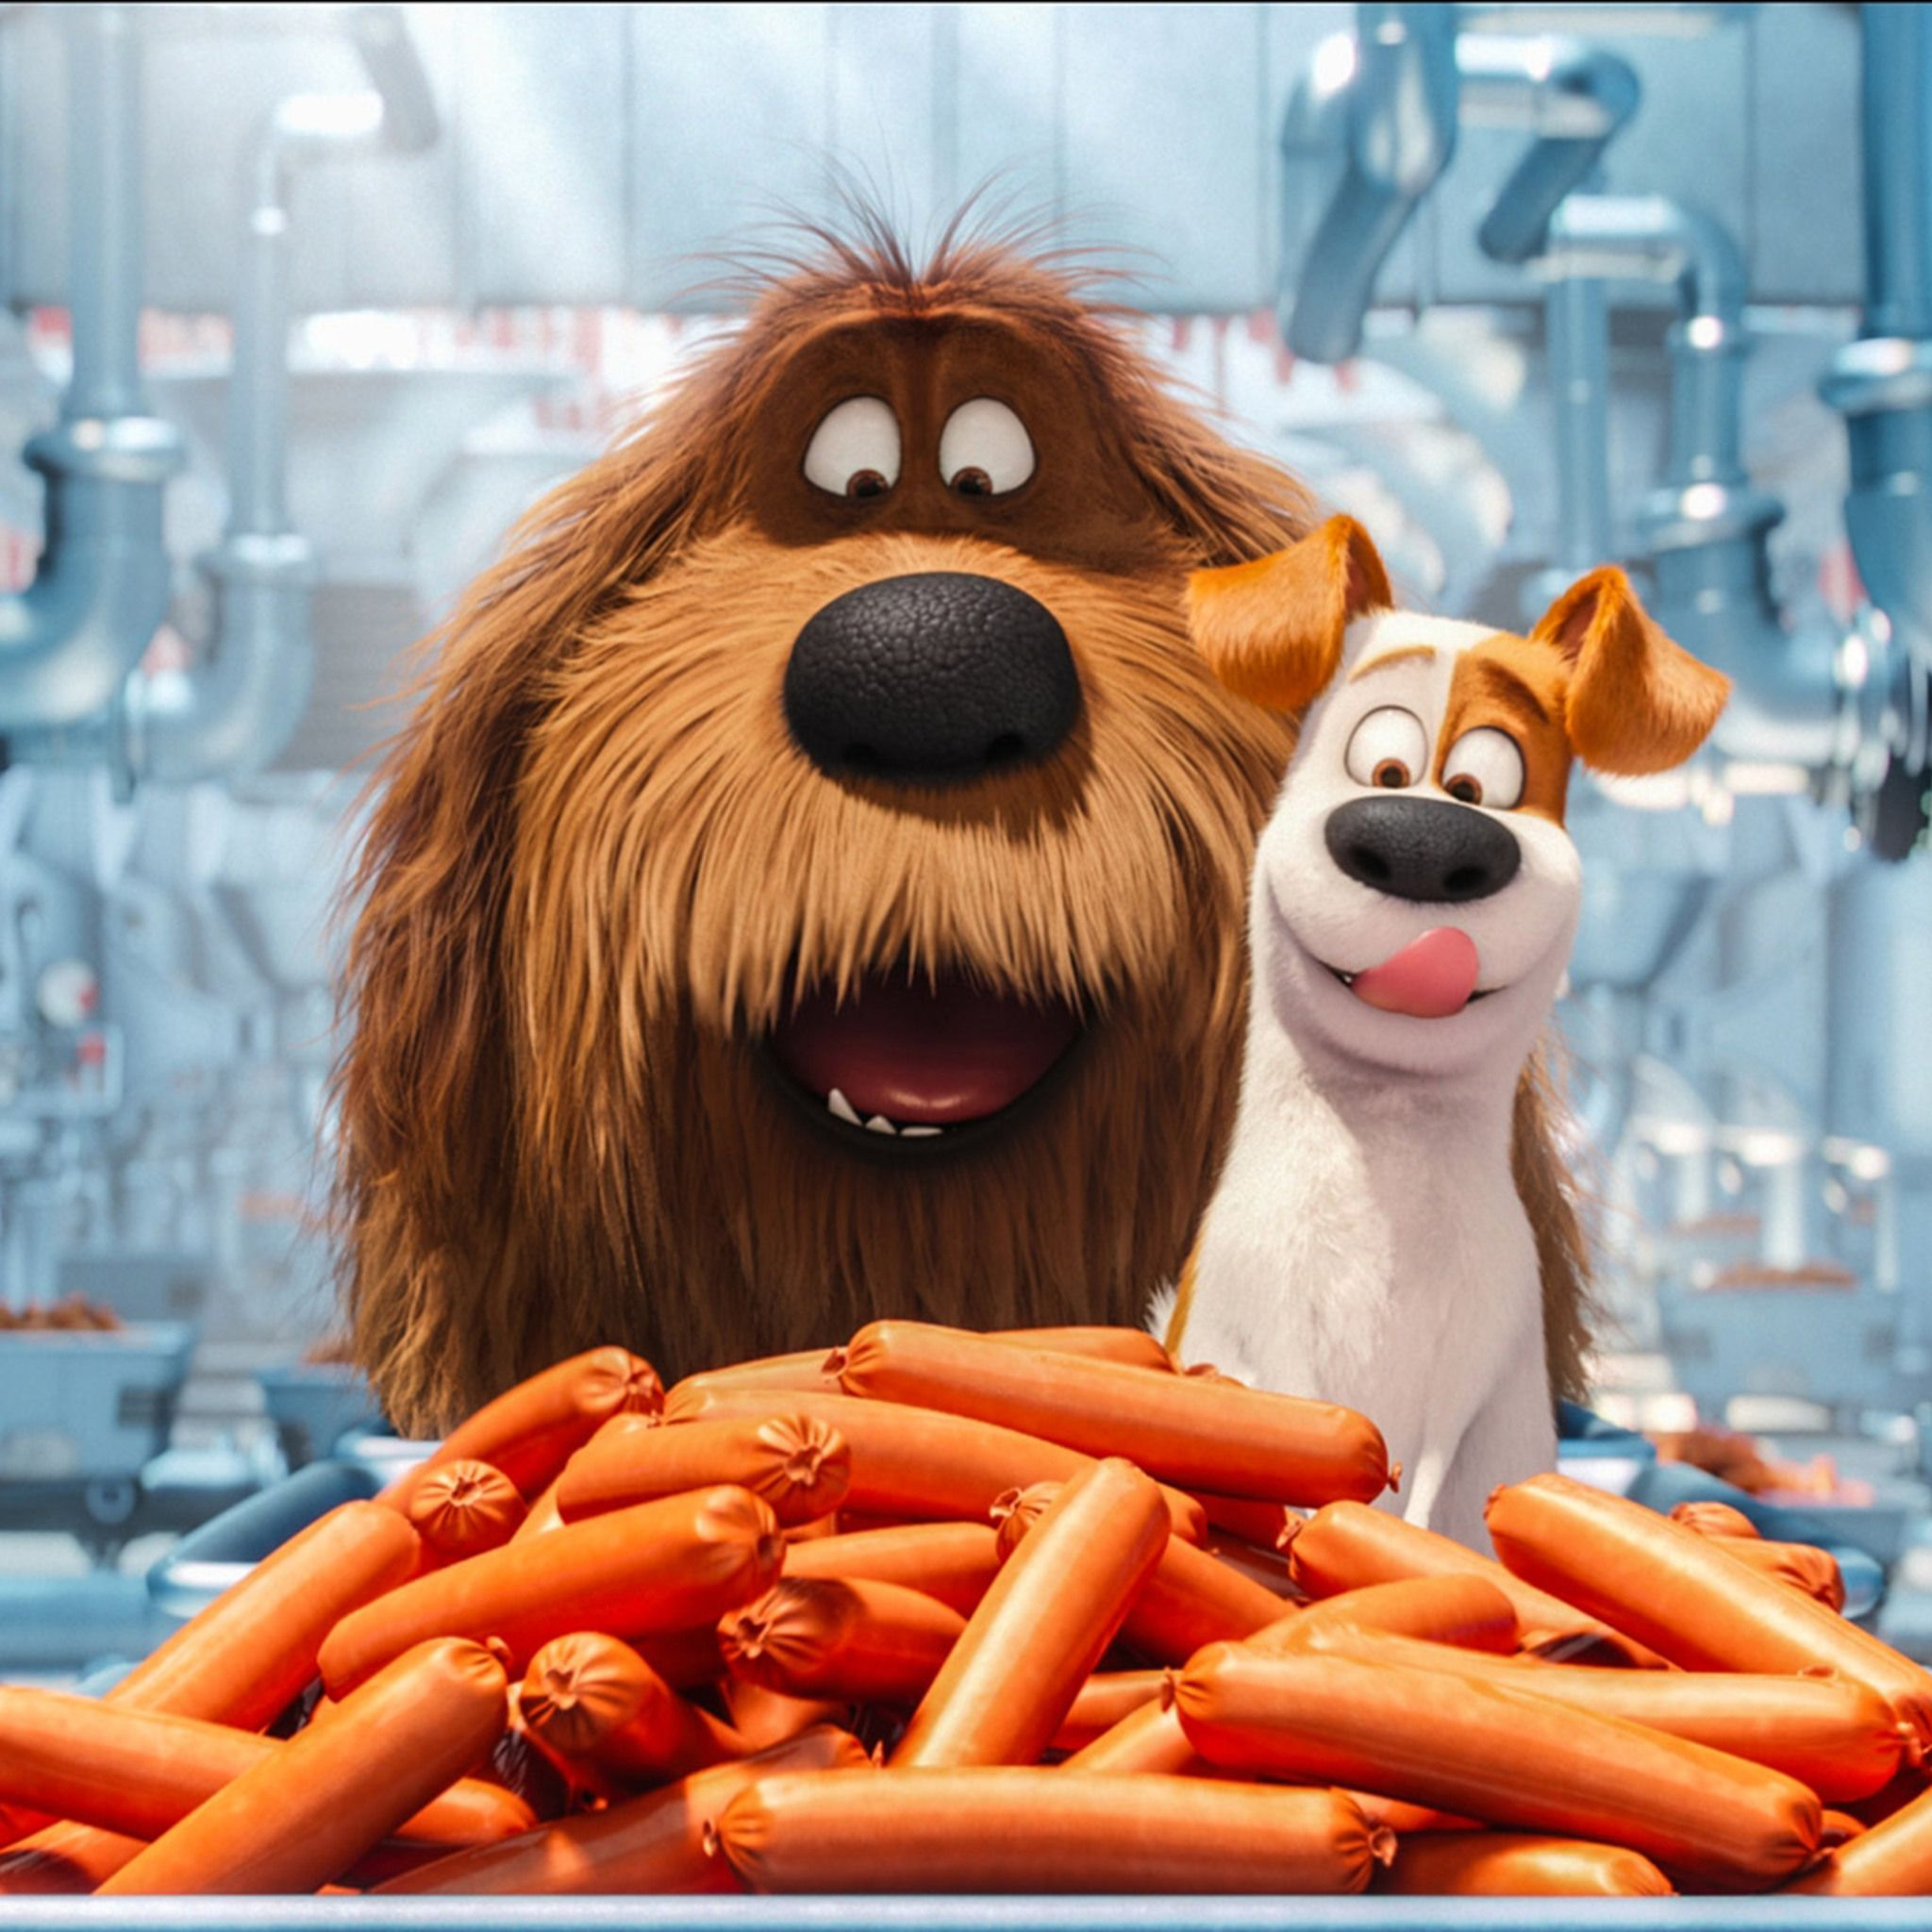 Carrots The Secret Life Of Pets Tap To See More Of The Secret Life Of Pets Wallpape Vida Secreta Dos Animais Desenhos De Personagens Da Disney Imagem De Tela